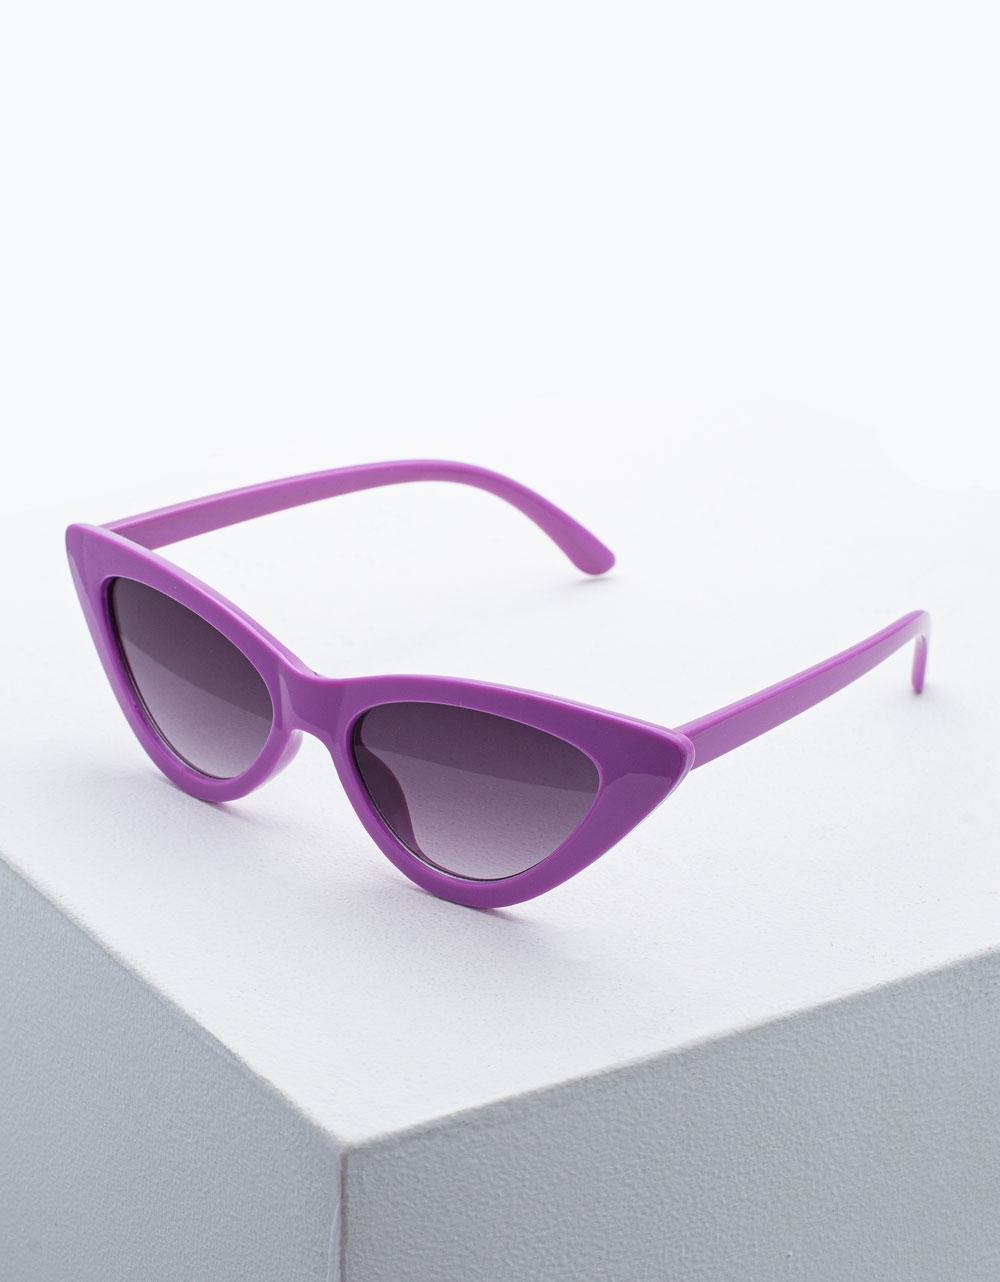 Εικόνα από Γυναικεία γυαλιά ηλίου σε σχήμα πεταλούδας Μωβ